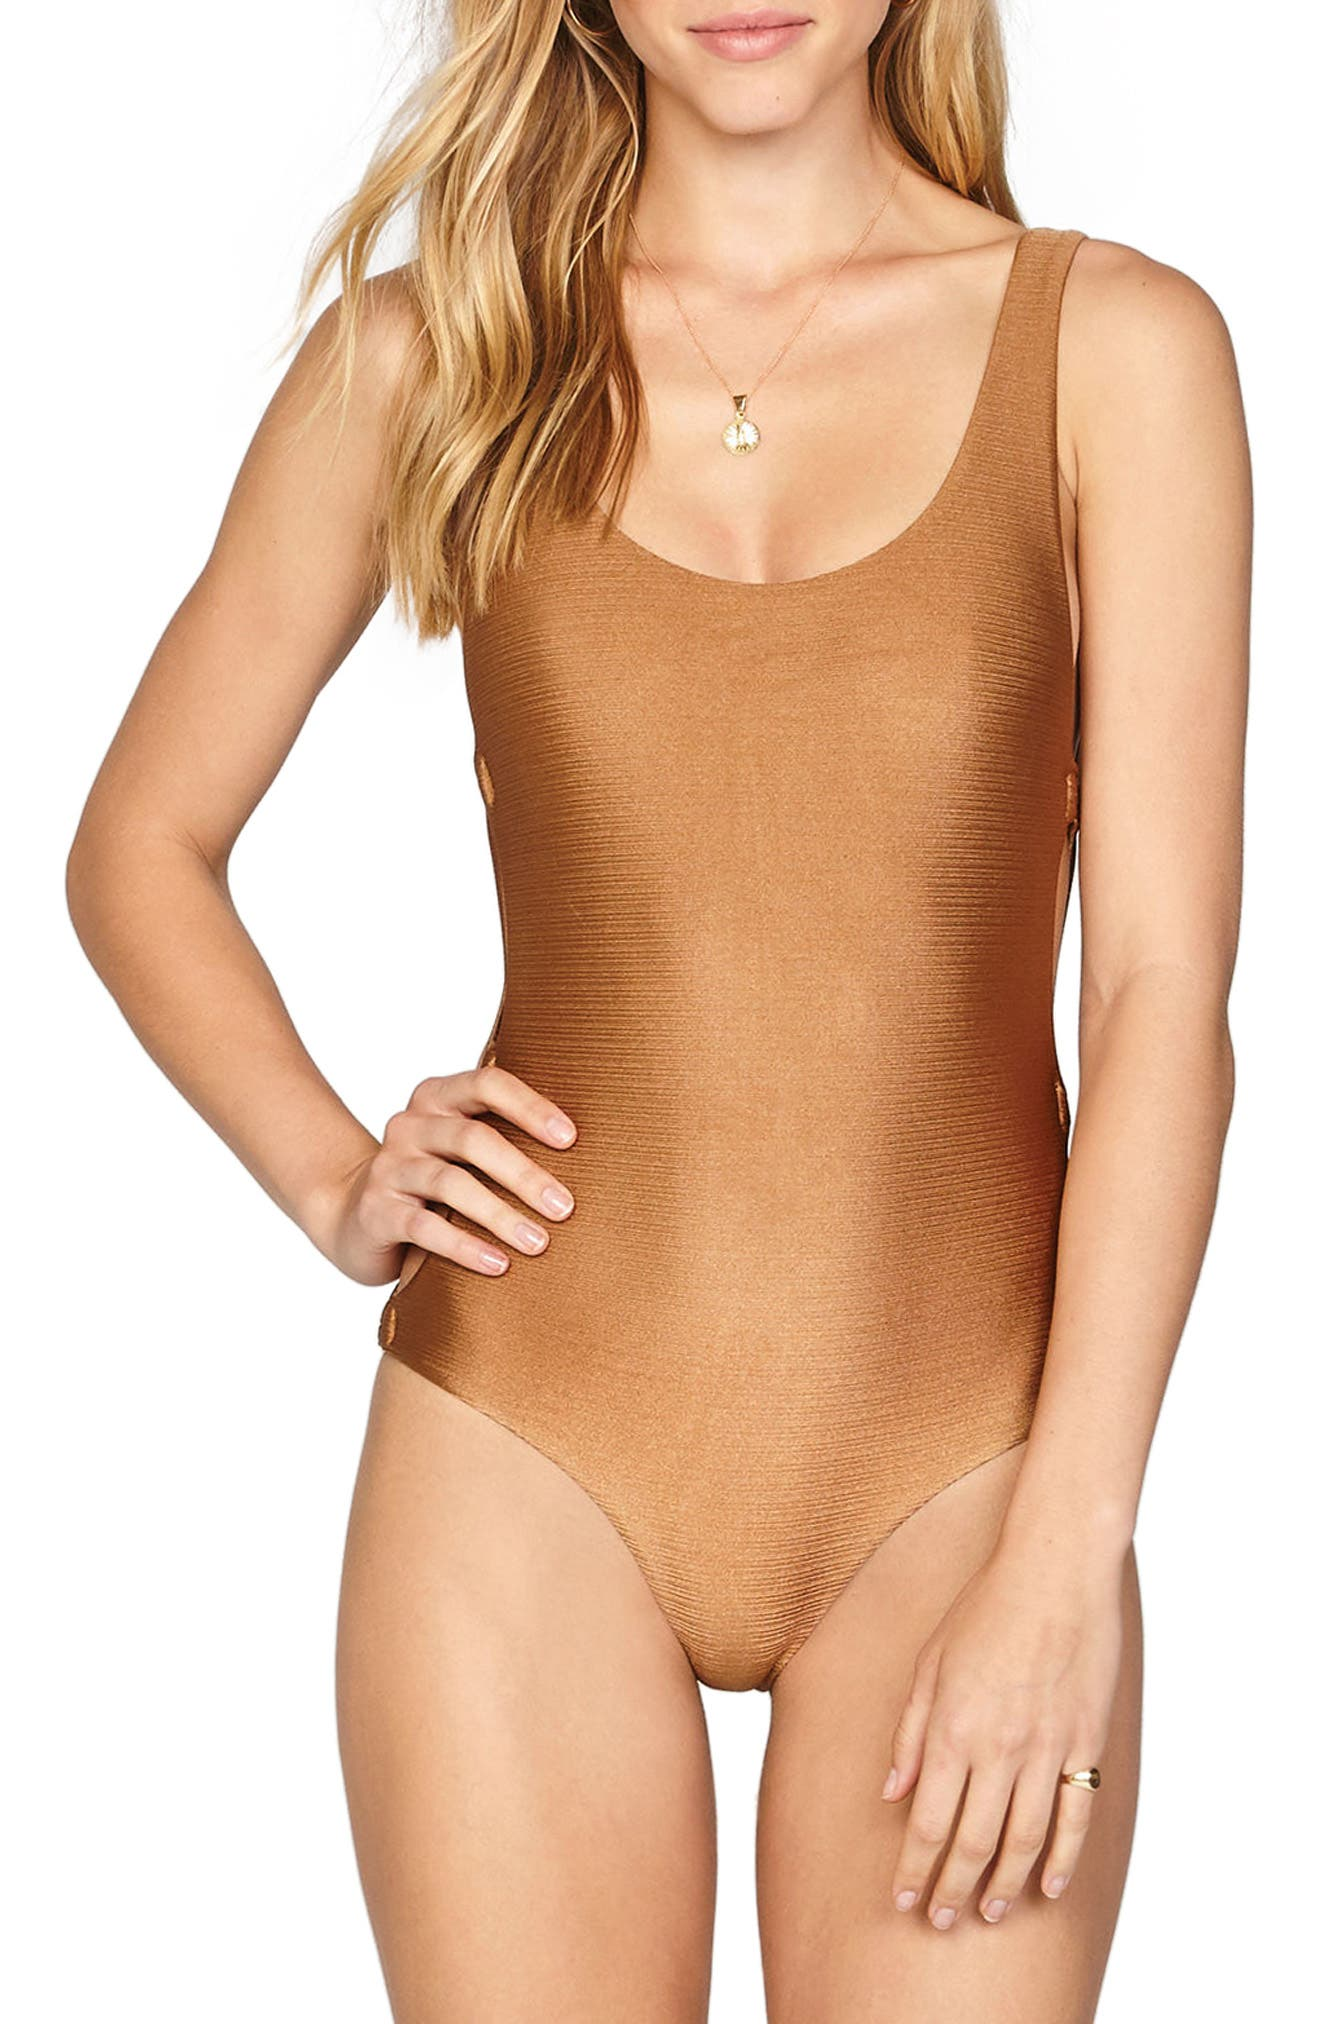 Estelle Cutout One-Piece Swimsuit,                         Main,                         color, 200